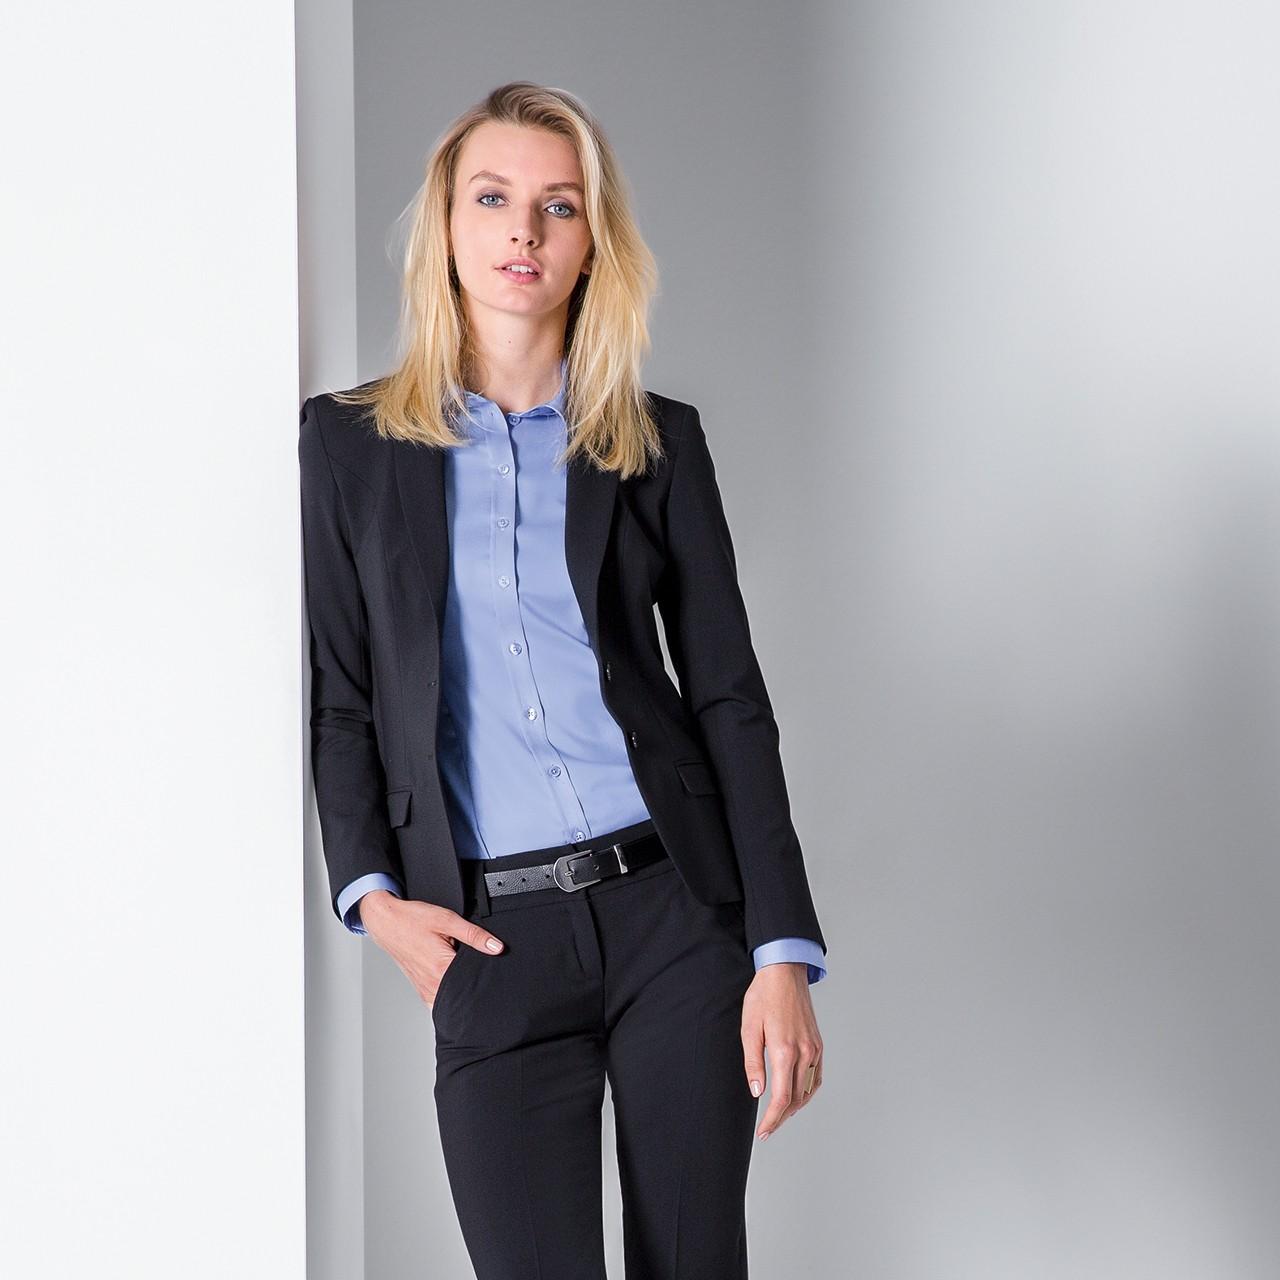 Damen Blazer Slim Fit Greiff® | bedrucken, besticken, bedrucken lassen, besticken lassen, mit Logo |